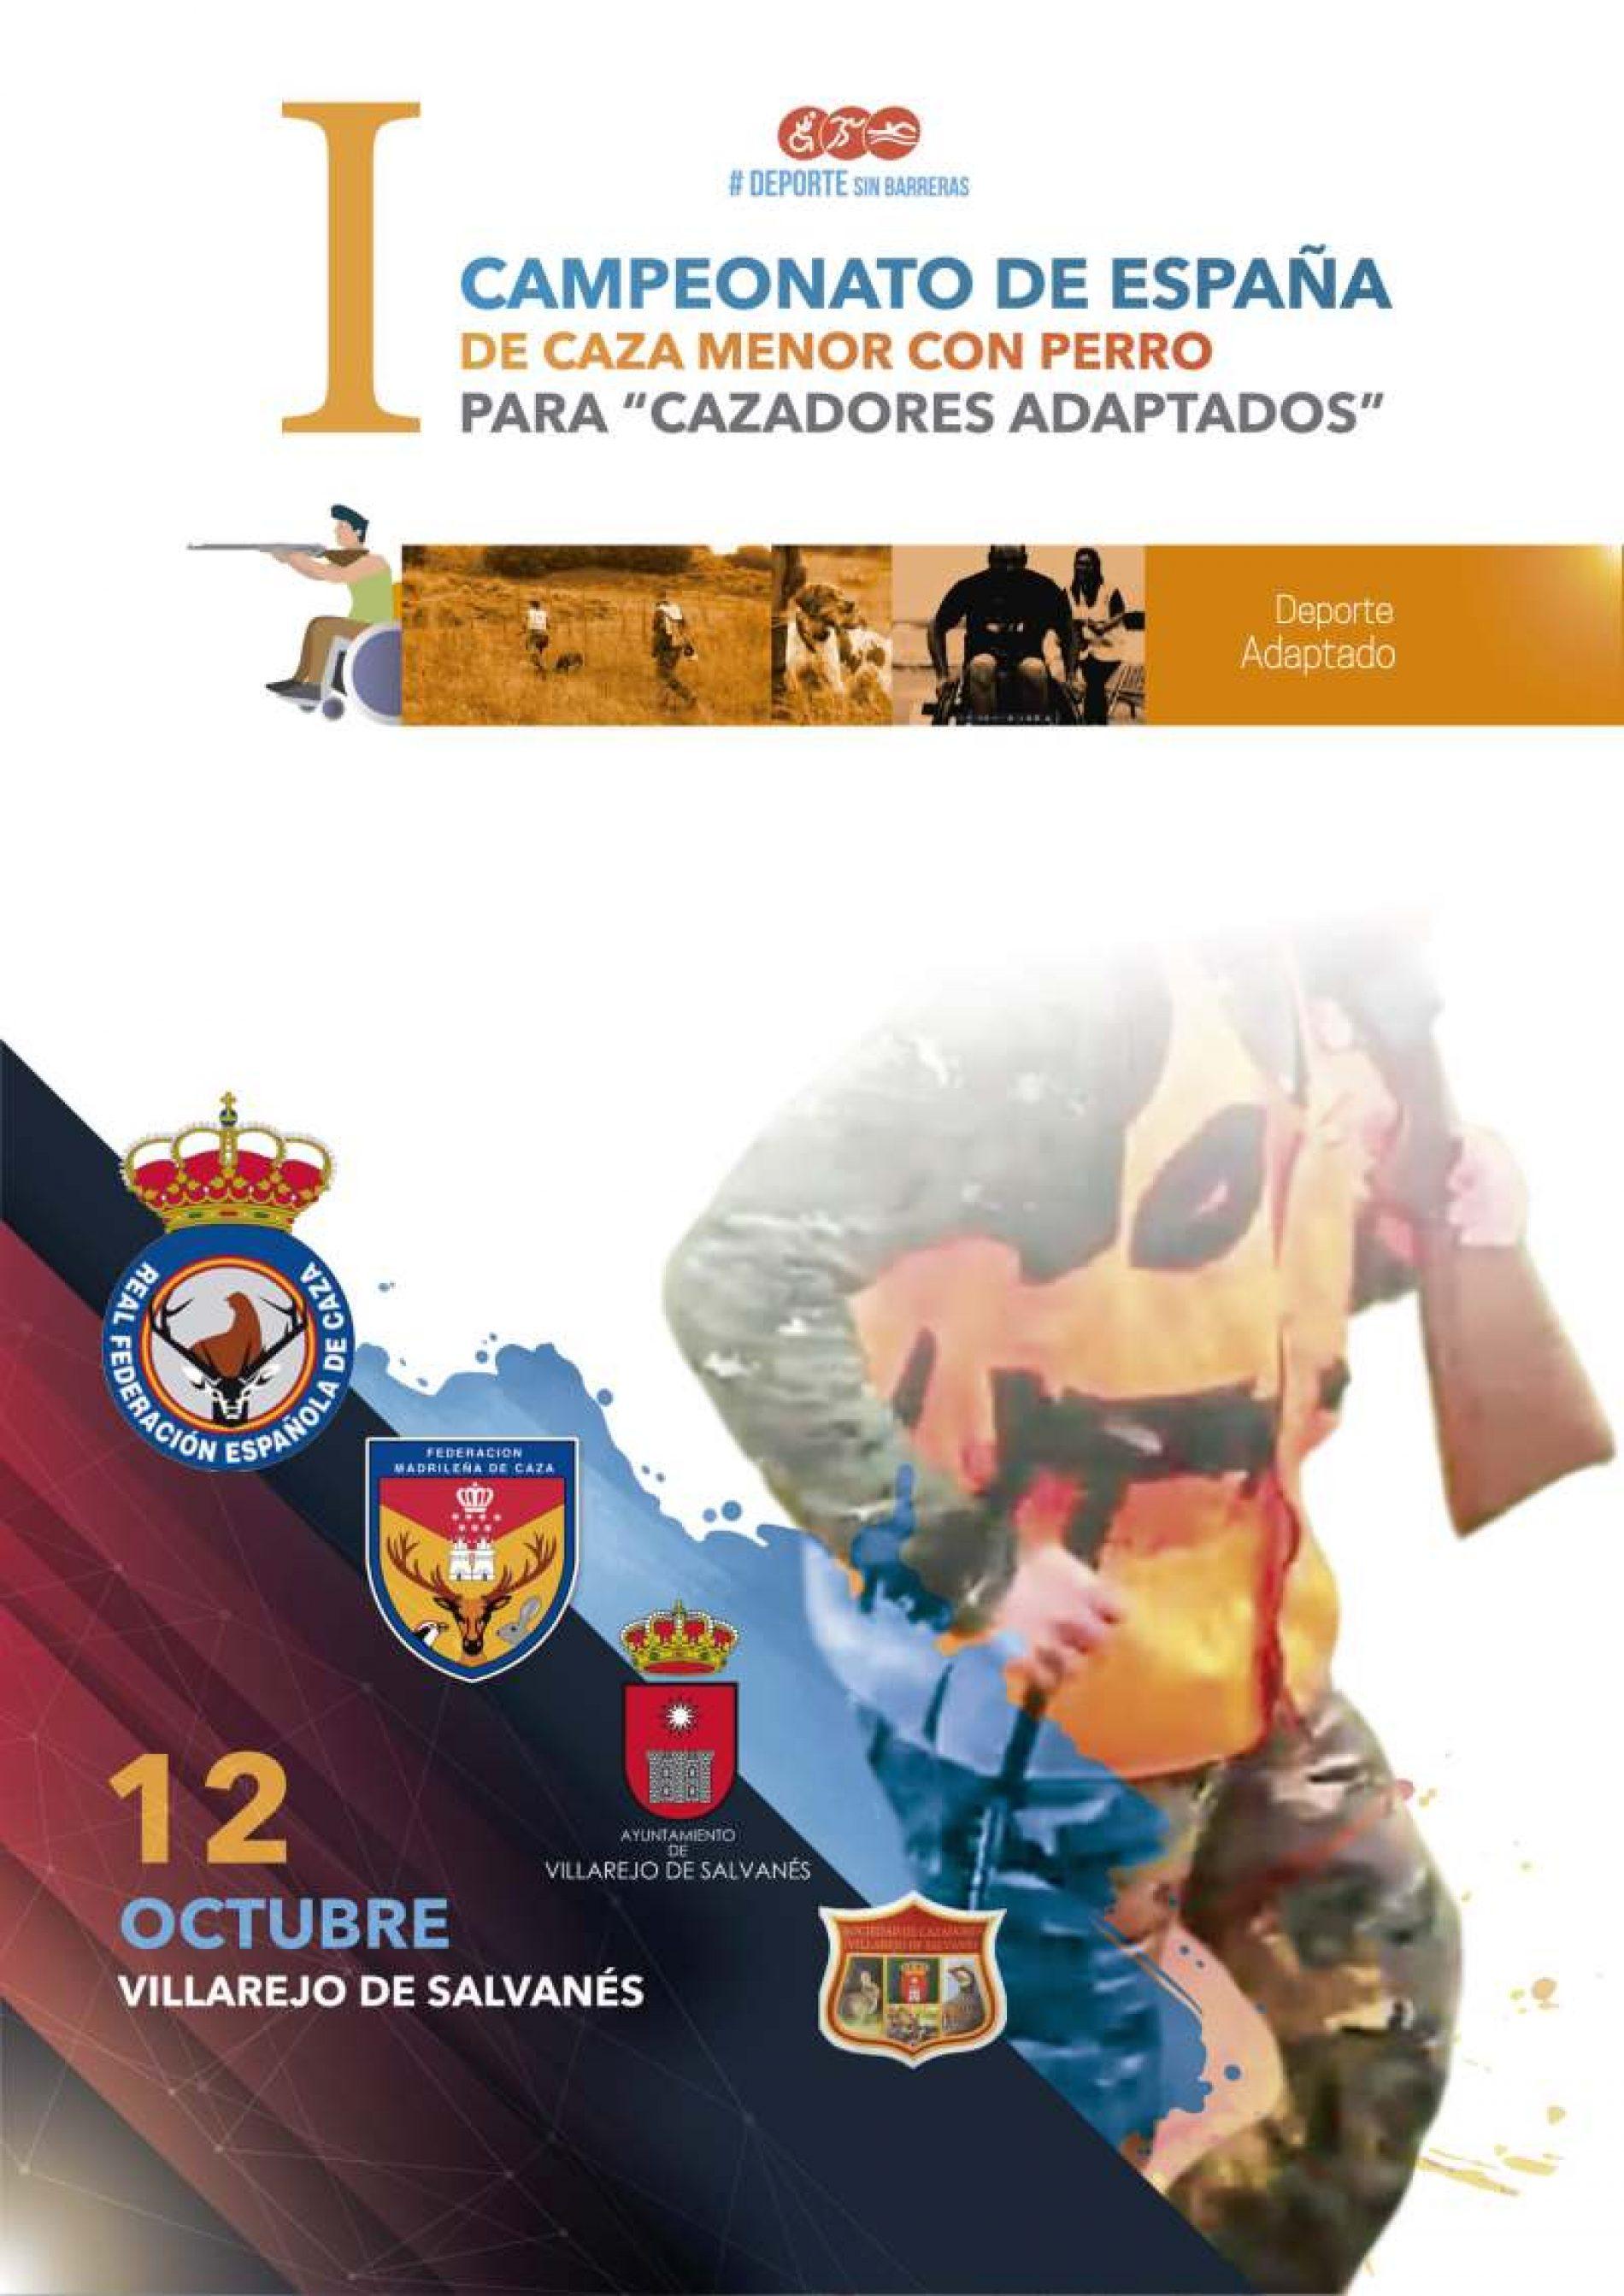 Primer Campeonato de España de Caza Menor con Perro Mixto para Cazadores Adaptados